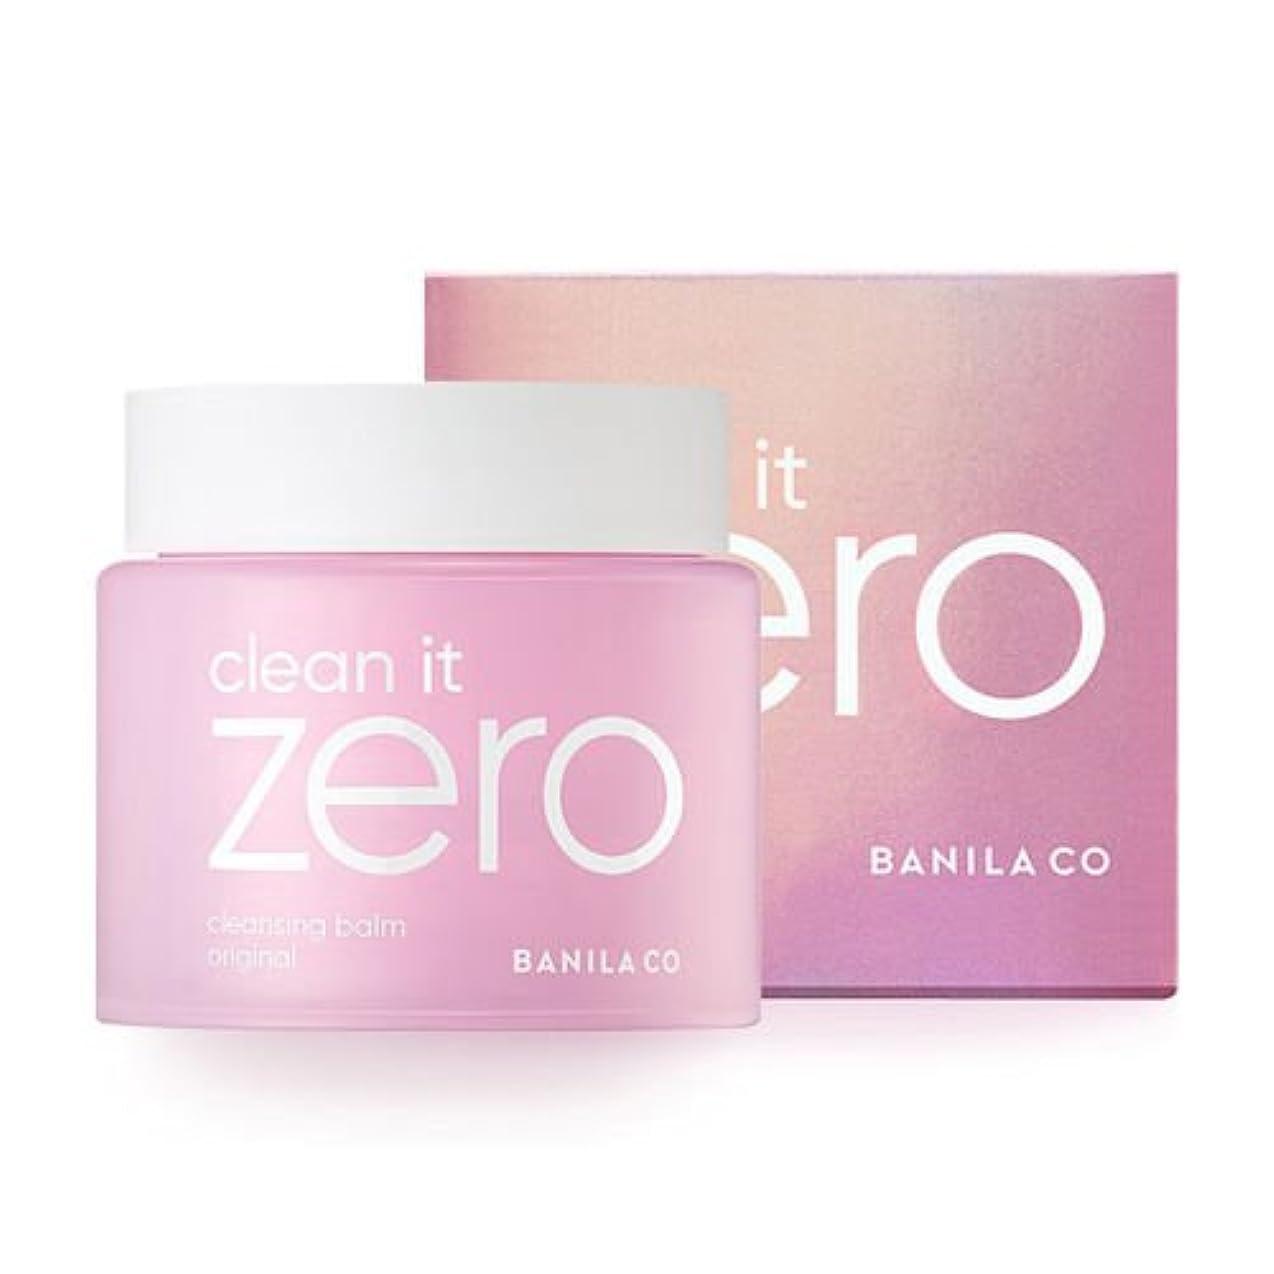 スイッチ気怠い不安[BANILACO/バニラコ] Clean it zero cleansing balm original 180ml / クリンイットゼロ クレンジングバーム オリジナル 180ml